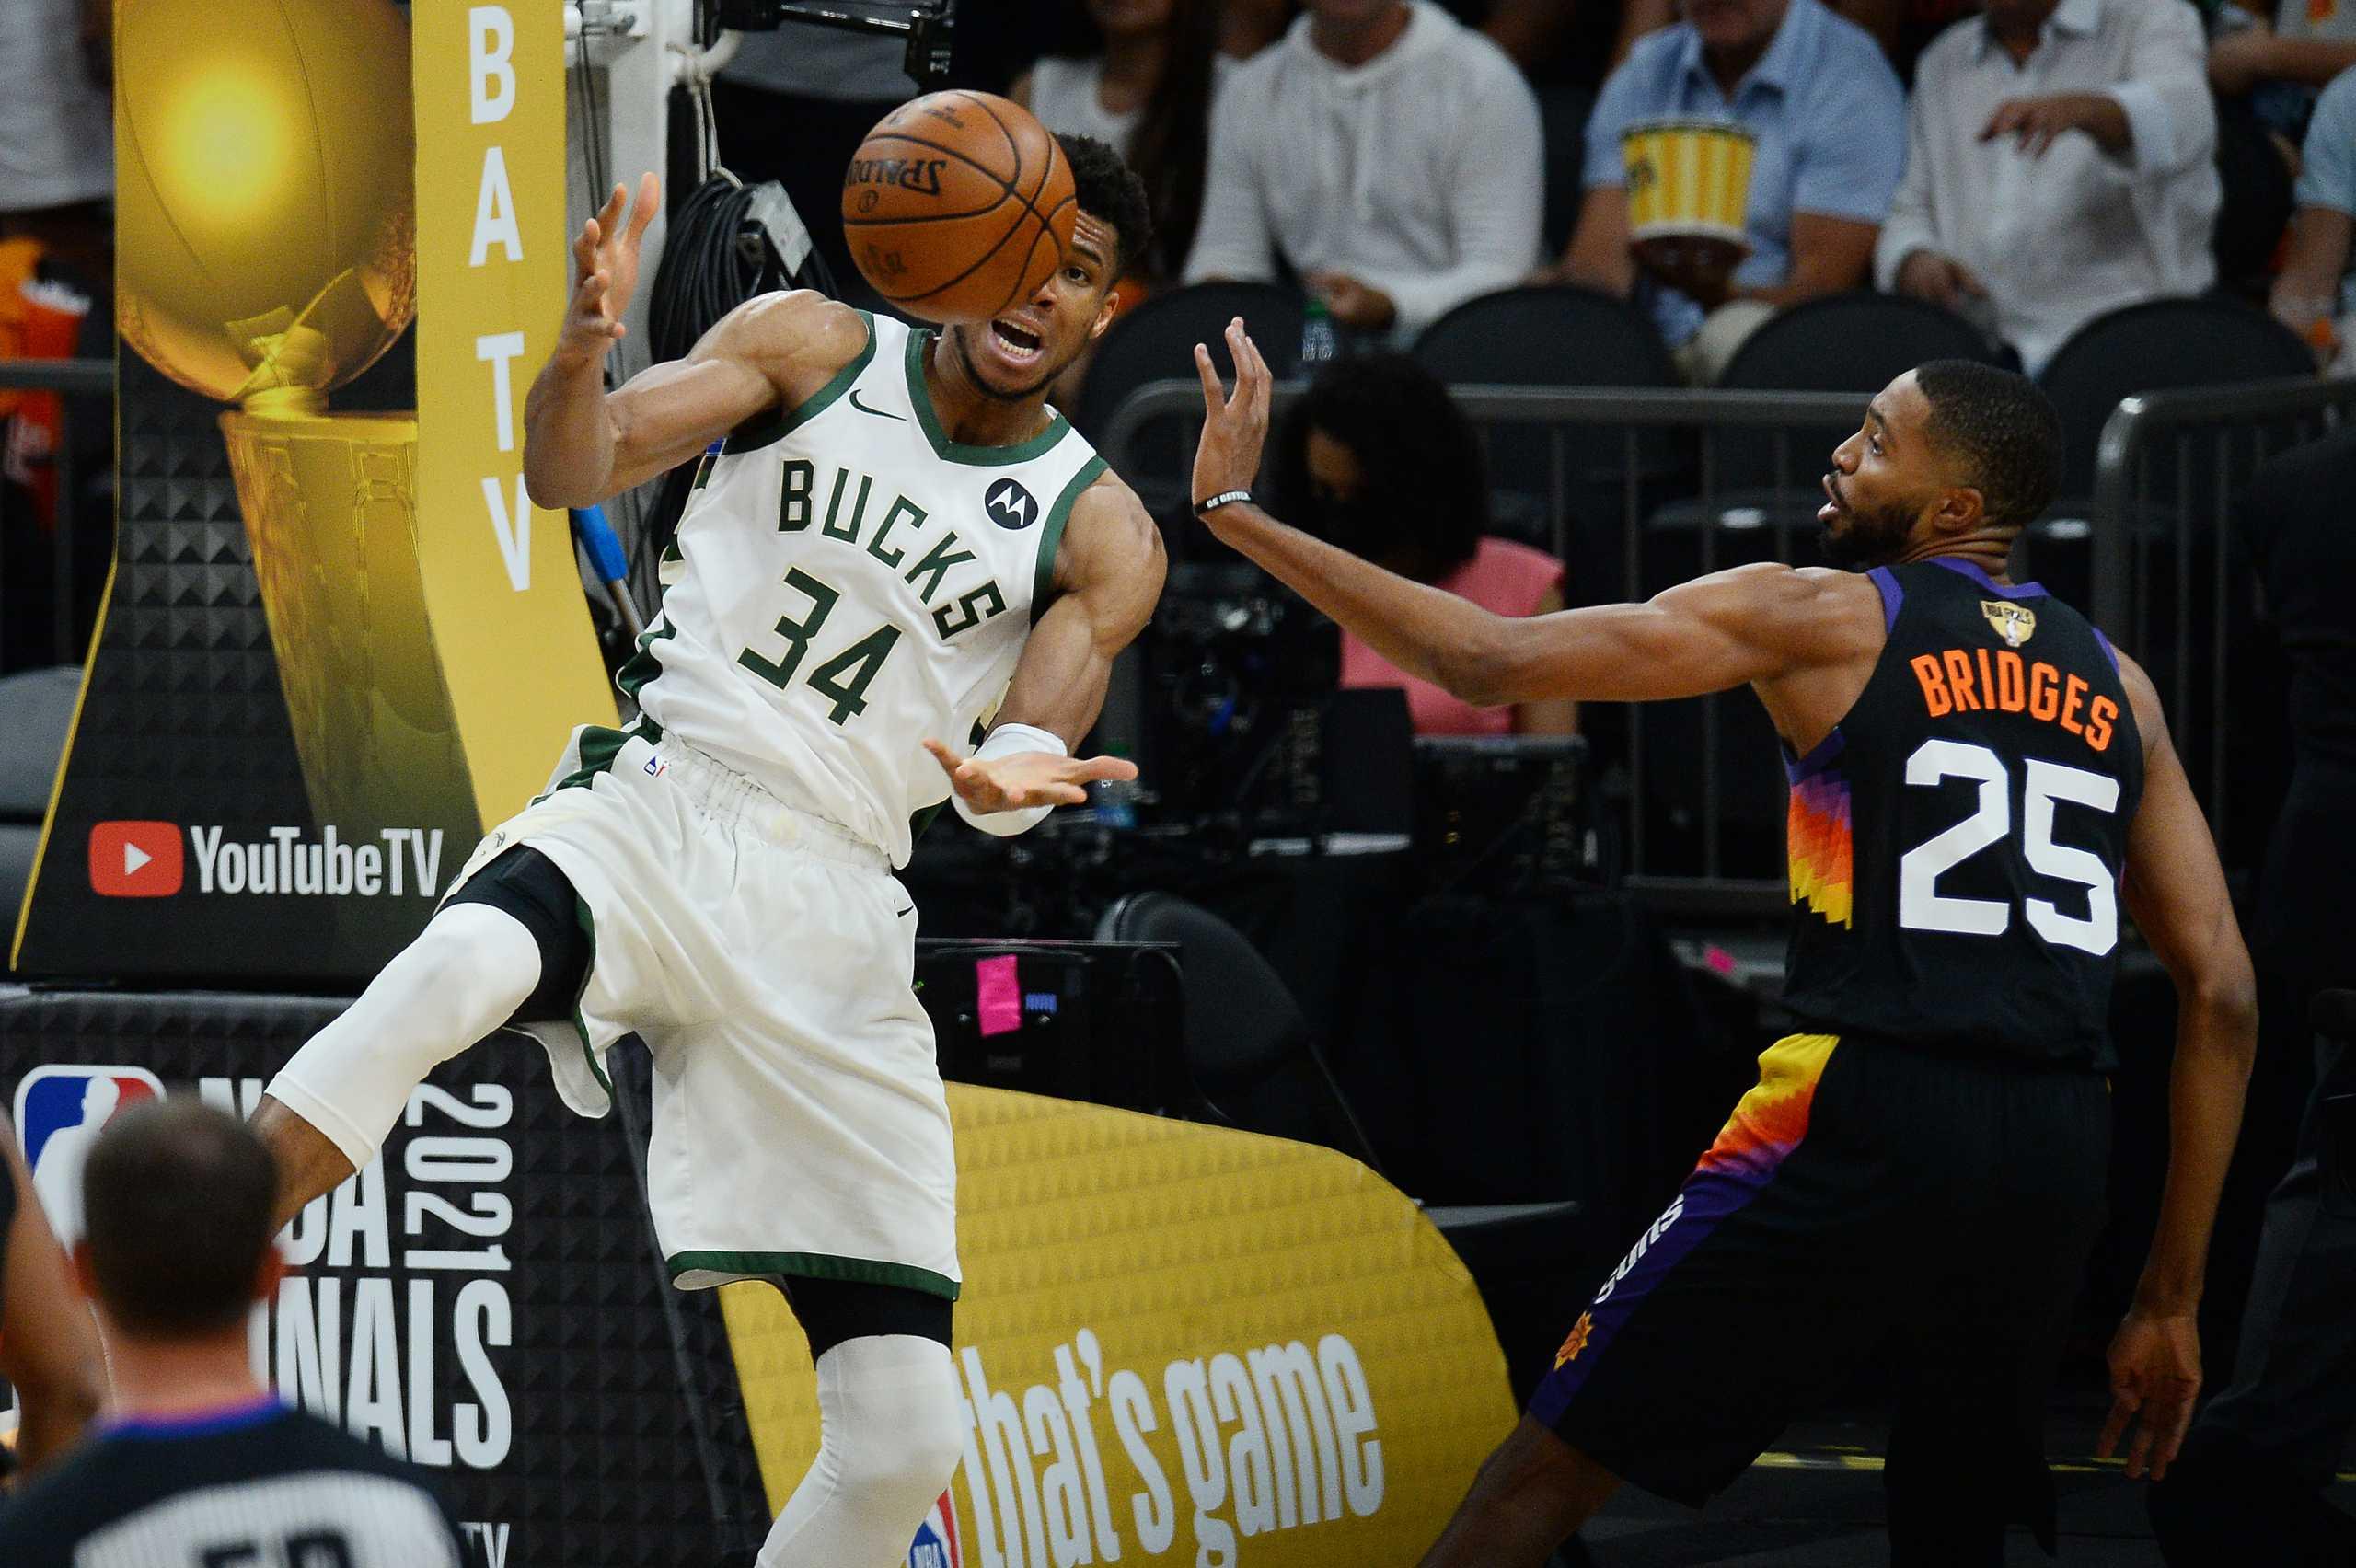 Γιάννης Αντετοκούνμπο: Η φάση της χρονιάς στο NBA, «κάρφωσε» τον Πολ μπροστά στον Λεμπρόν Τζέιμς